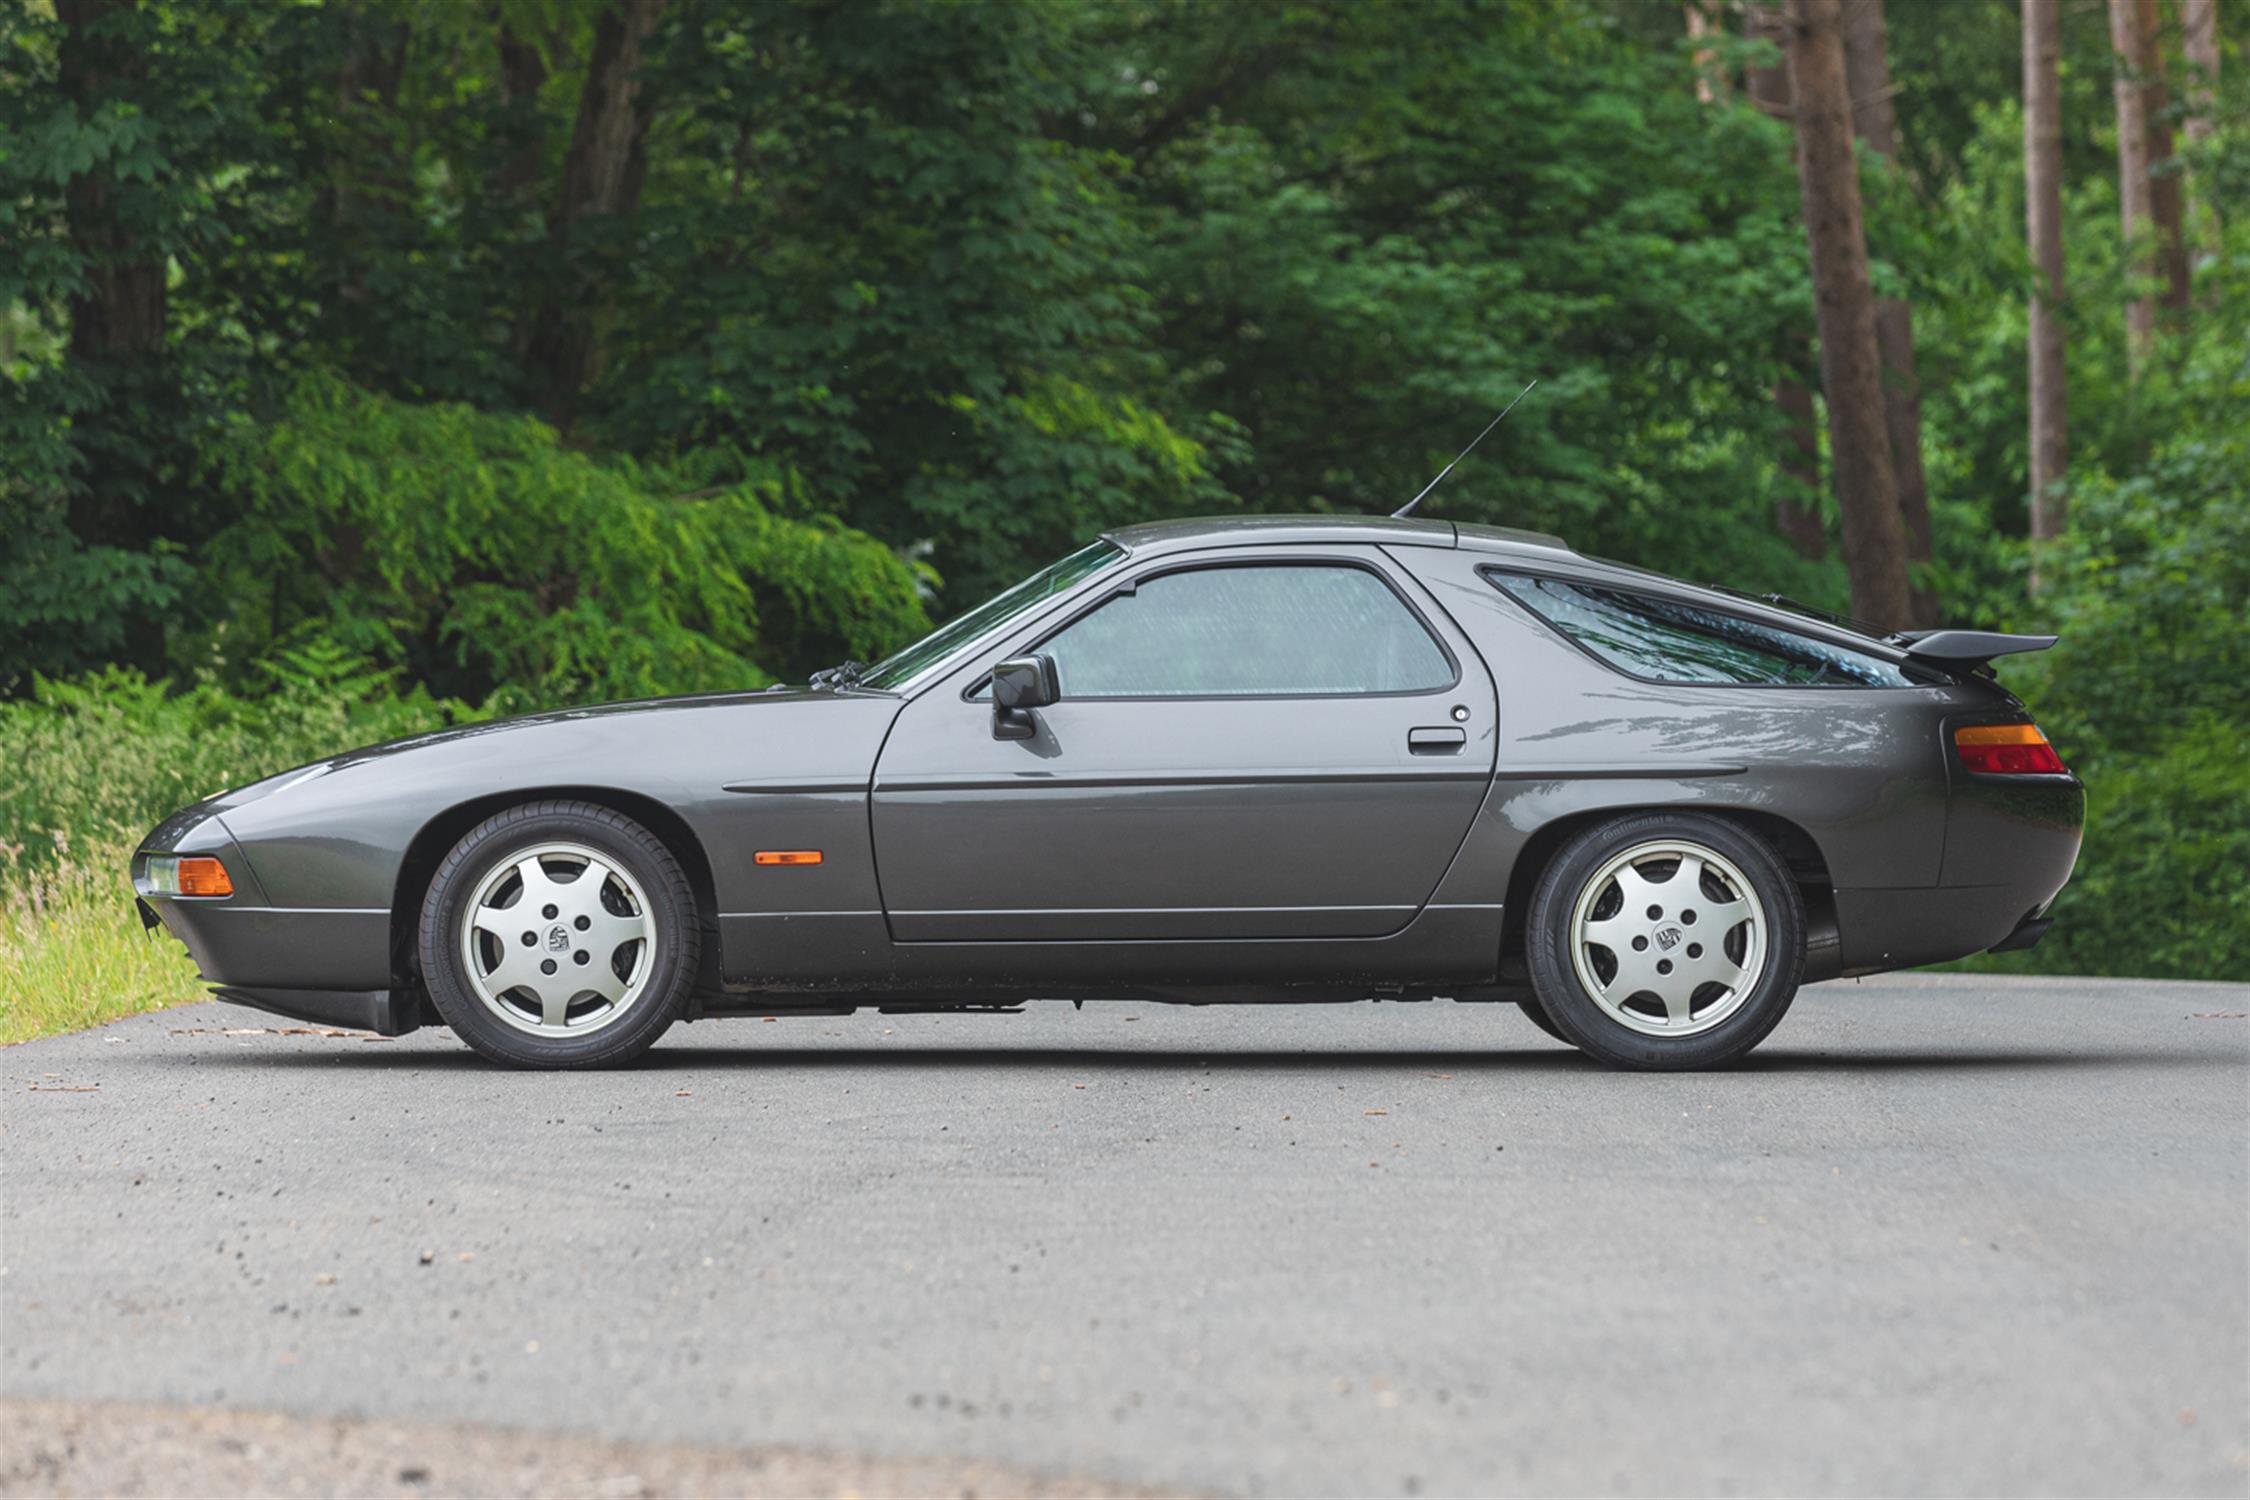 1991 Porsche 928 GT - Image 5 of 10